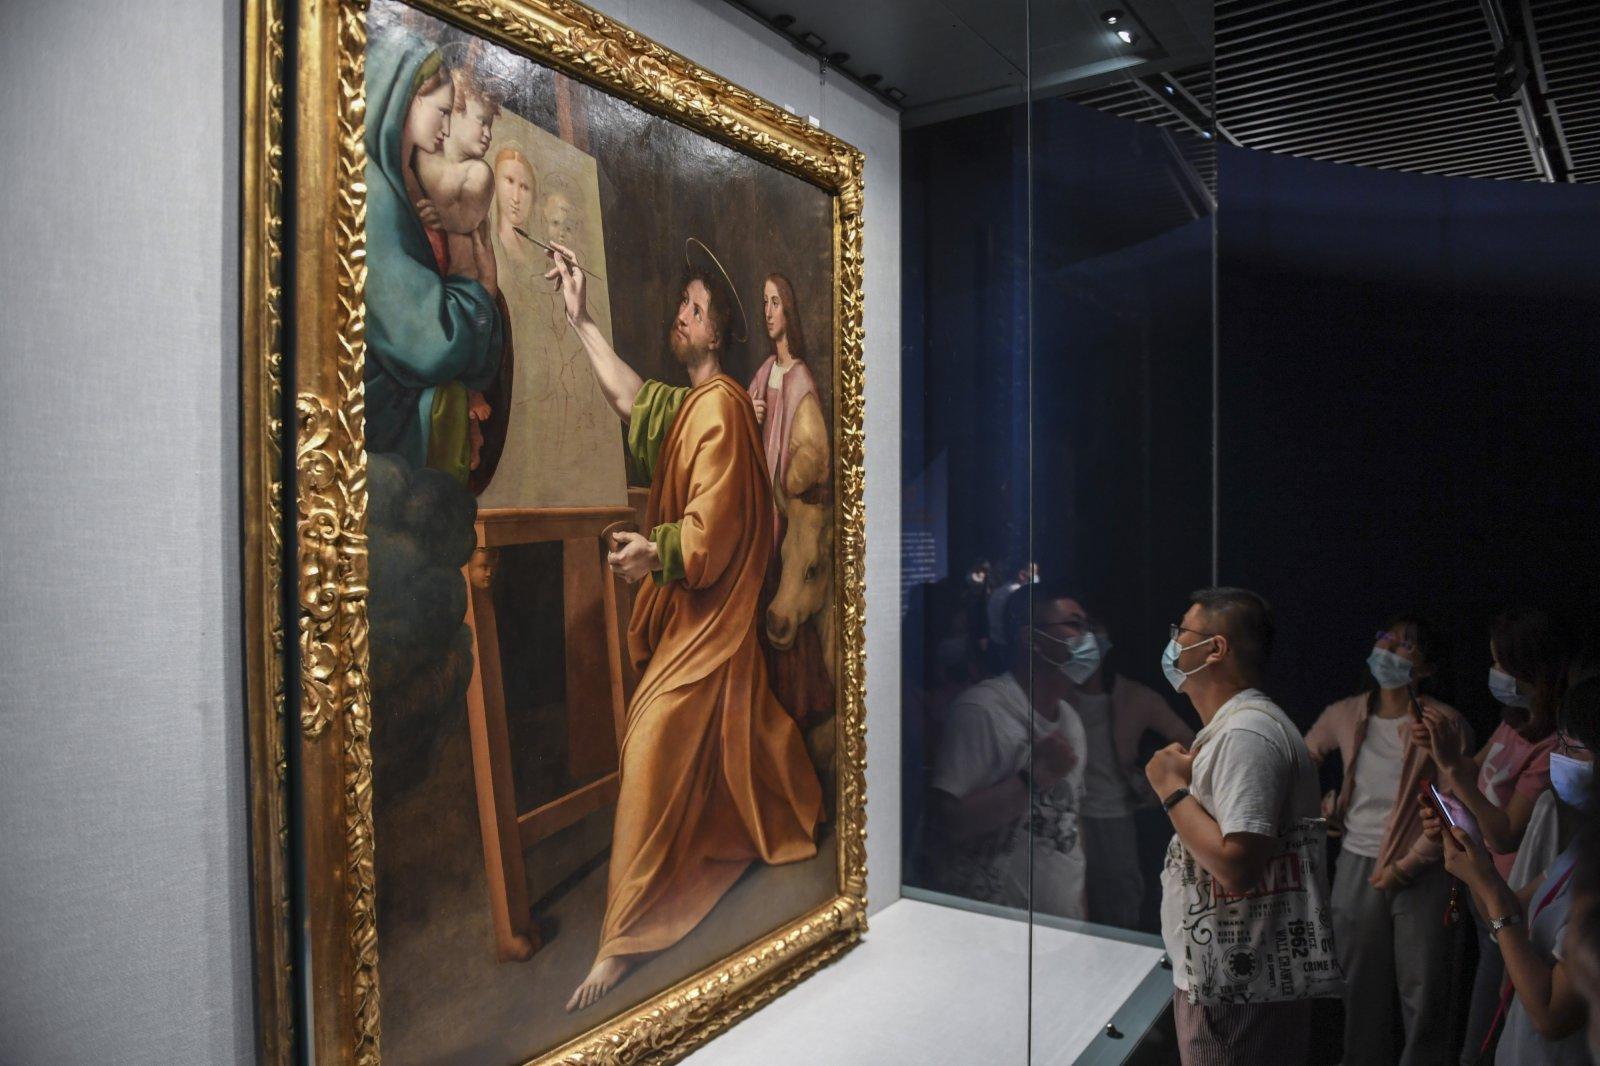 5月3日,觀眾在欣賞展出作品《聖路加在拉斐爾面前繪畫聖母子像》。(新華社)